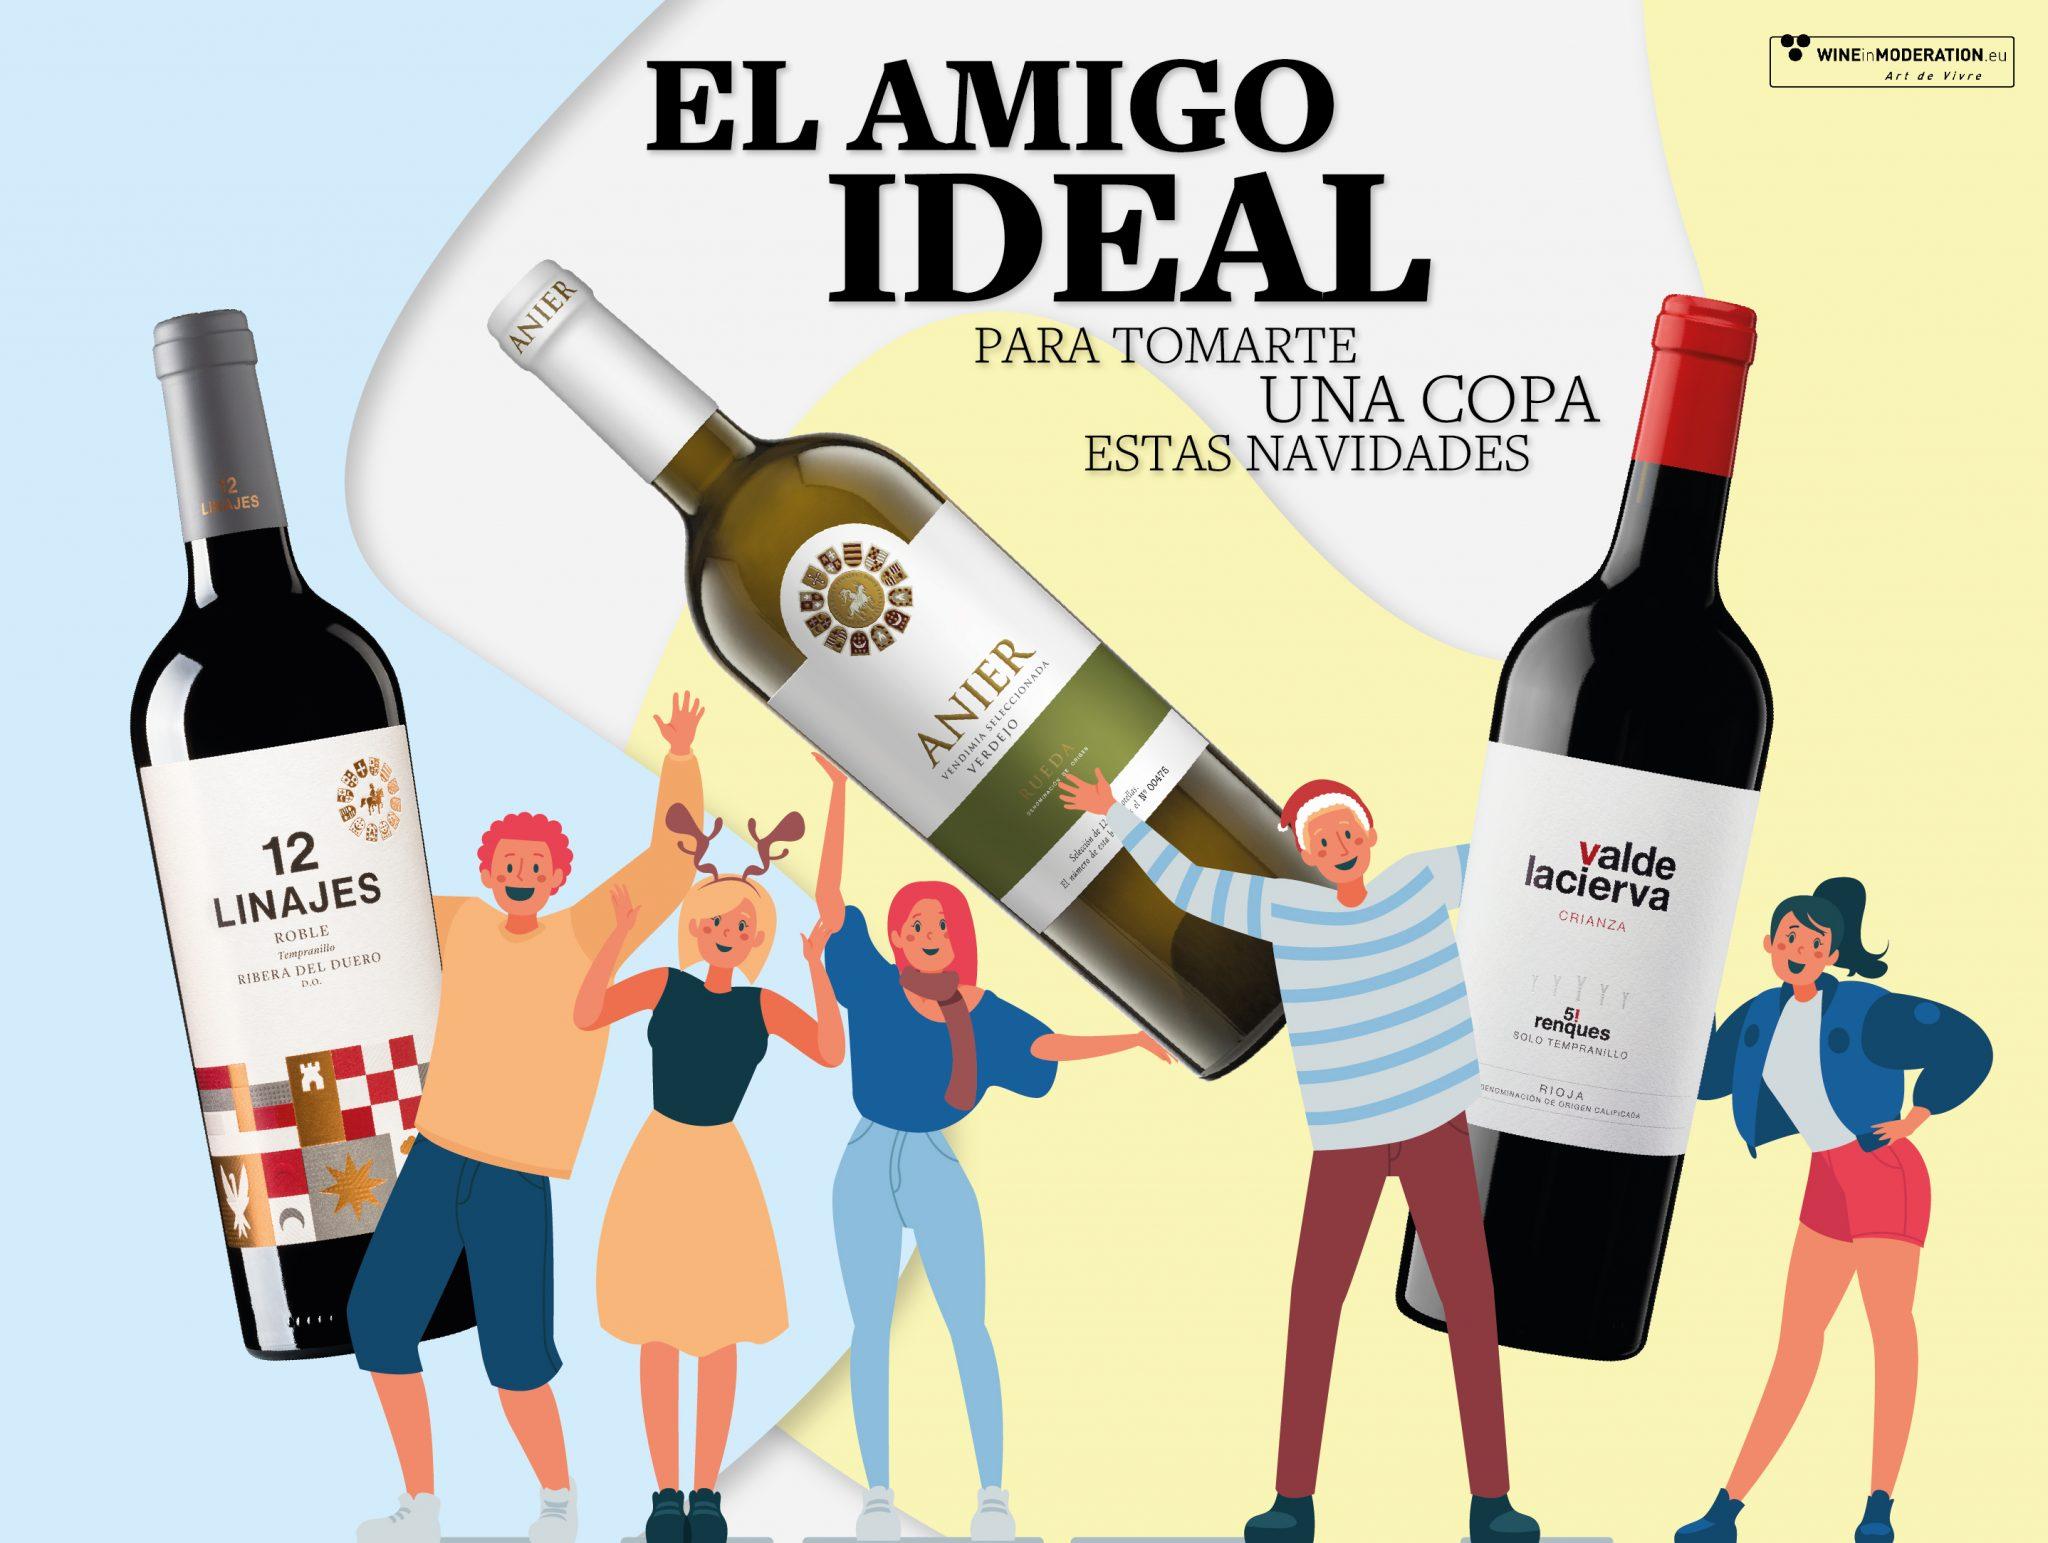 El perfil de amigo ideal (y el no tan perfecto) para tomarte una copa de vino estas fiestas.